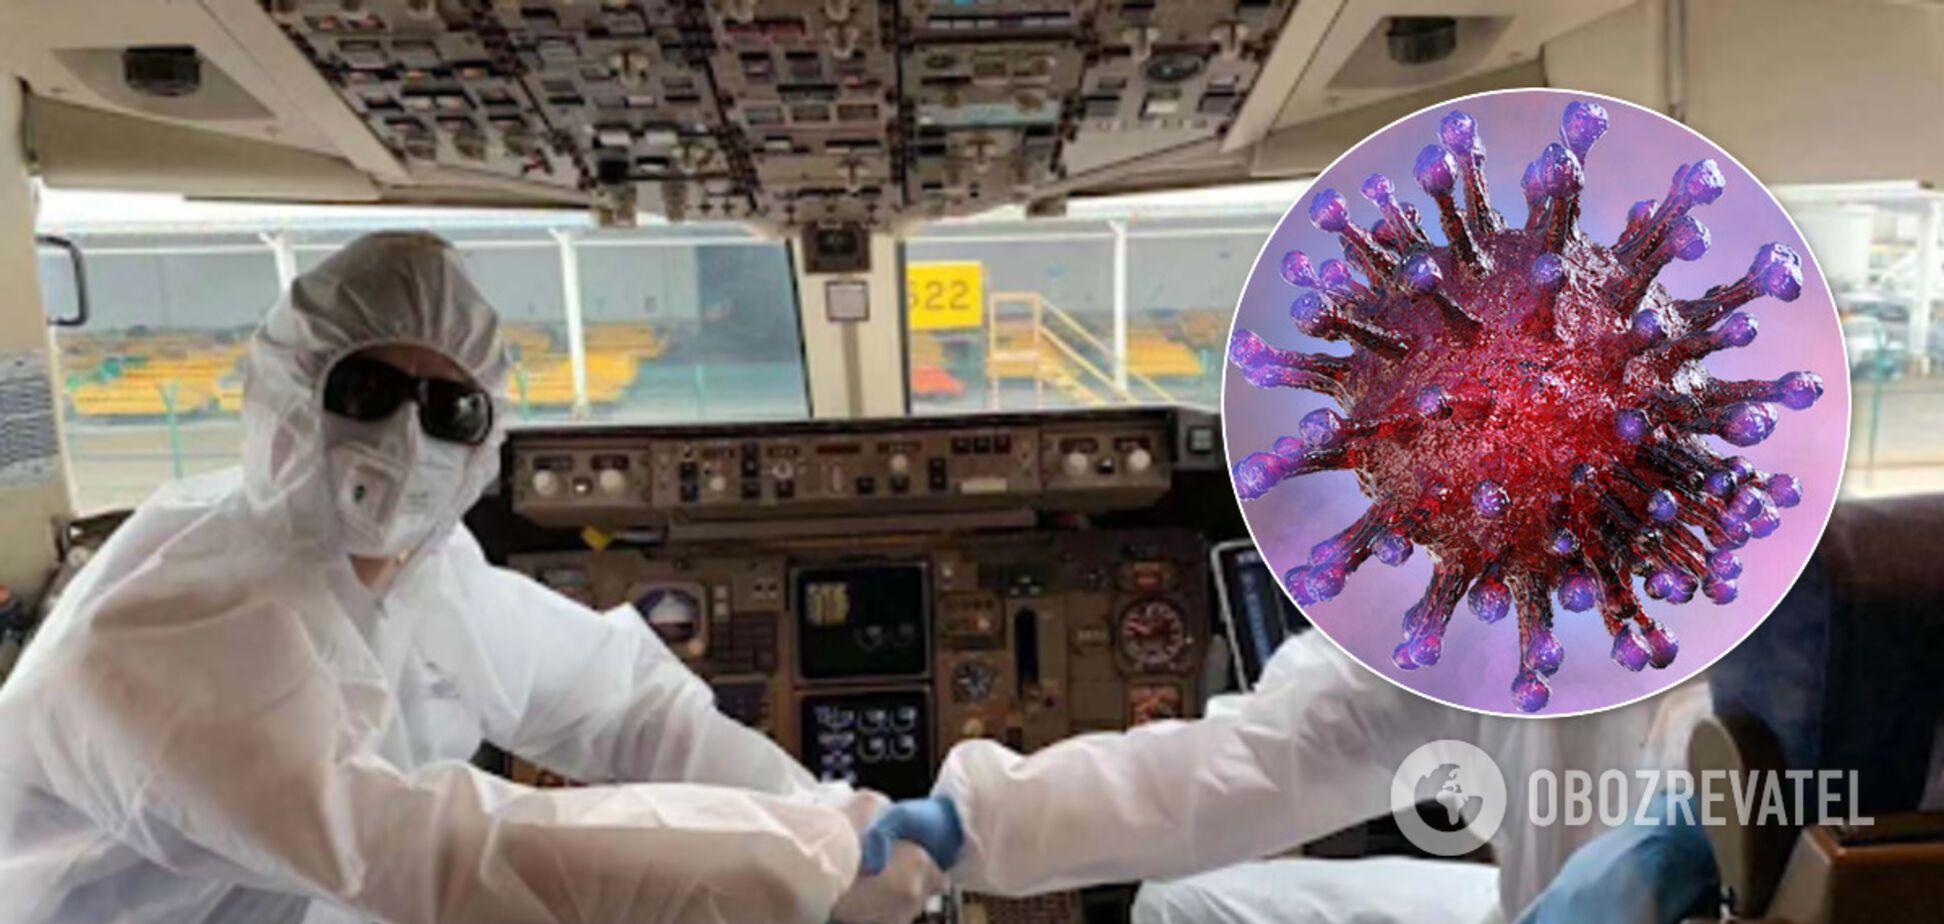 Самолет из Милана и коронавирус: врач заявила, что оснований для паники нет